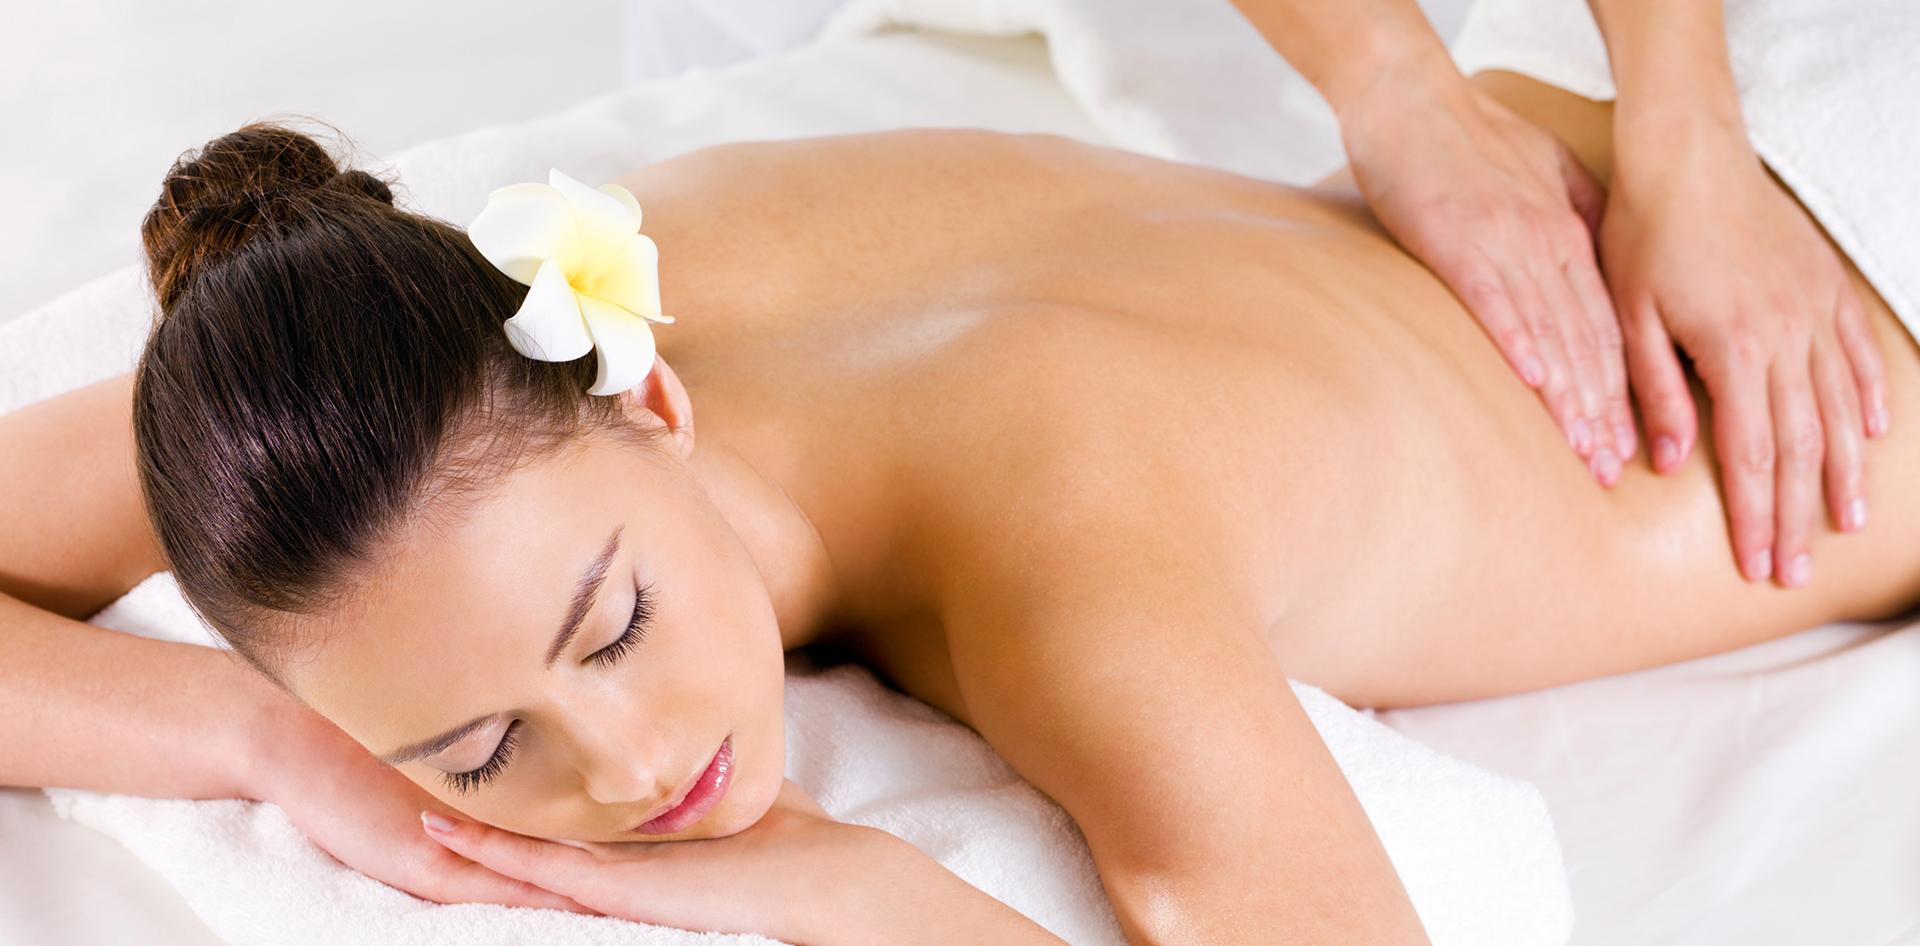 body to body massage find en elskerinde